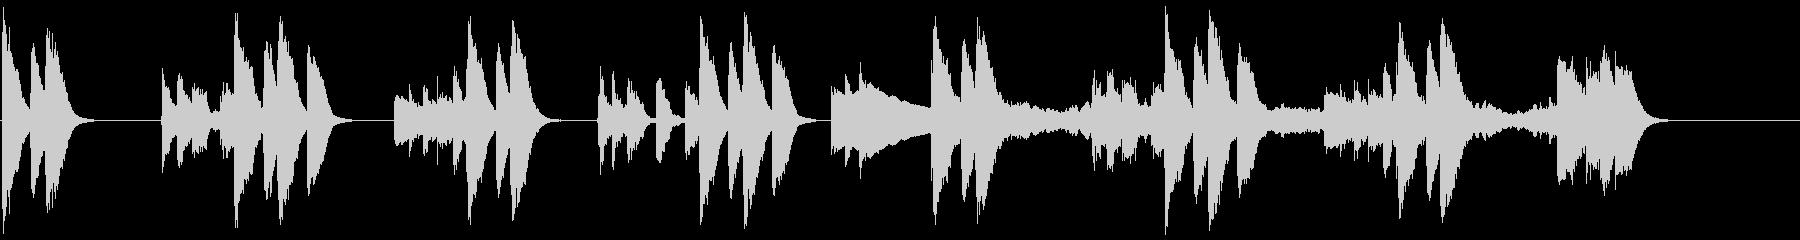 動画広告 30秒 ミニマルA ポジティブの未再生の波形